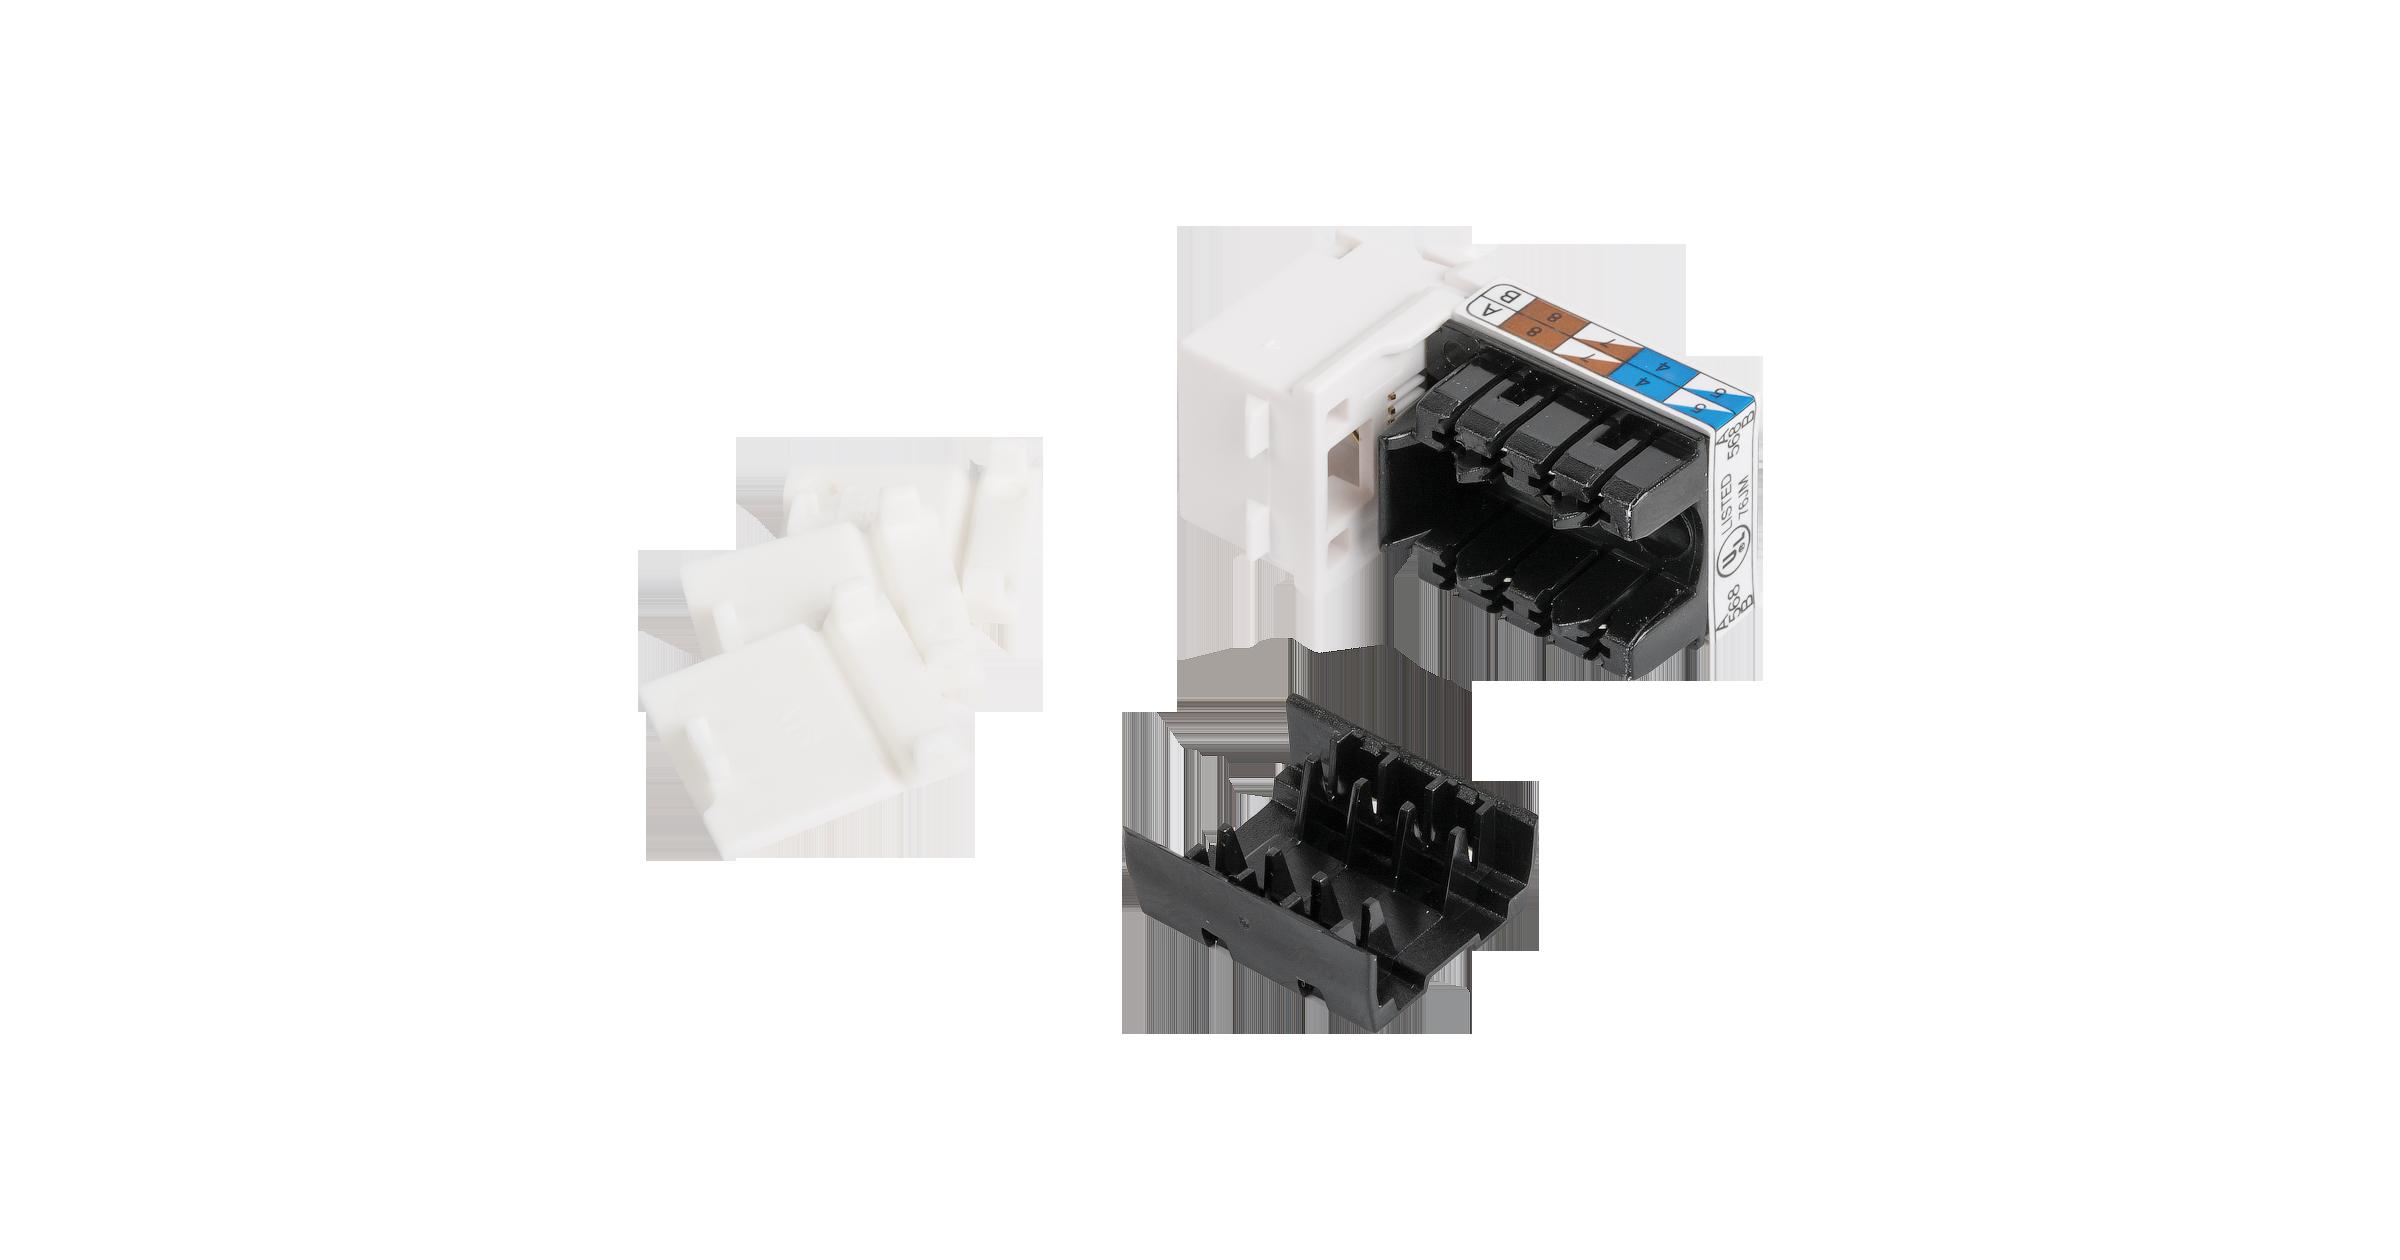 Модуль-вставка NIKOMAX типа Keystone, Кат.6 (Класс E), 250МГц, RJ45/8P8C, 110/KRONE, T568A/B, неэкранированный, белый - гарантия: 5 лет расширенная / 25 лет системная